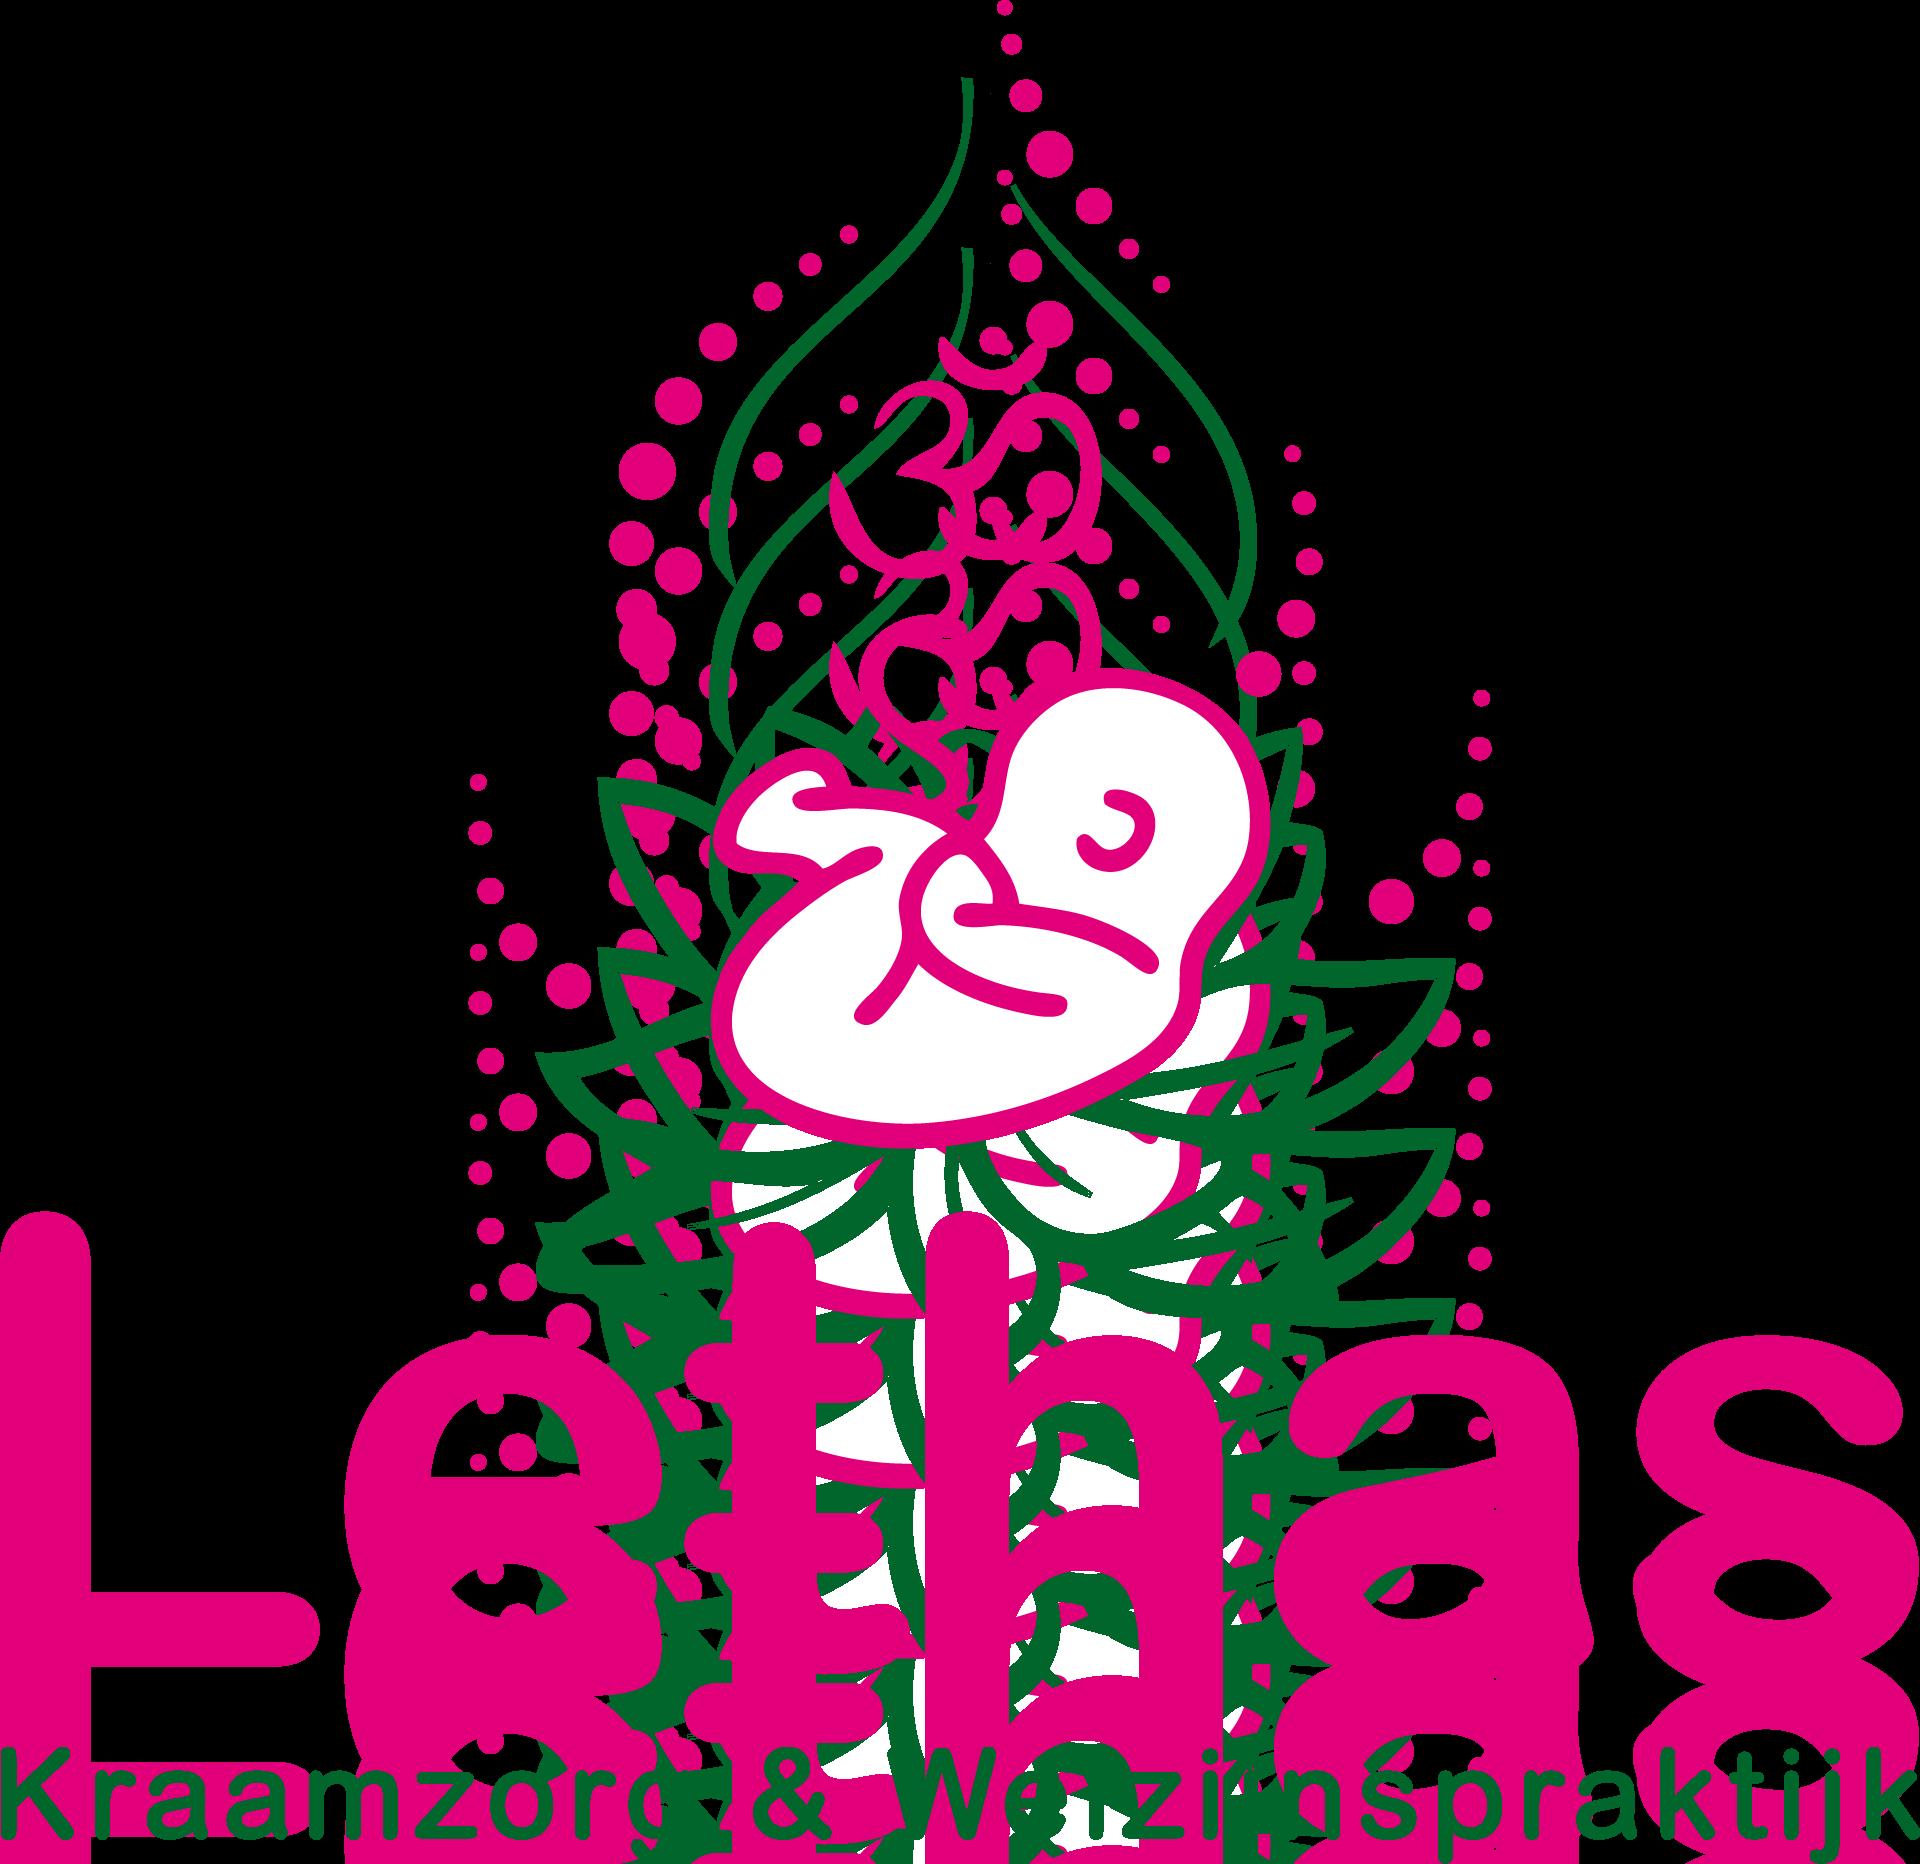 Lethas.nl